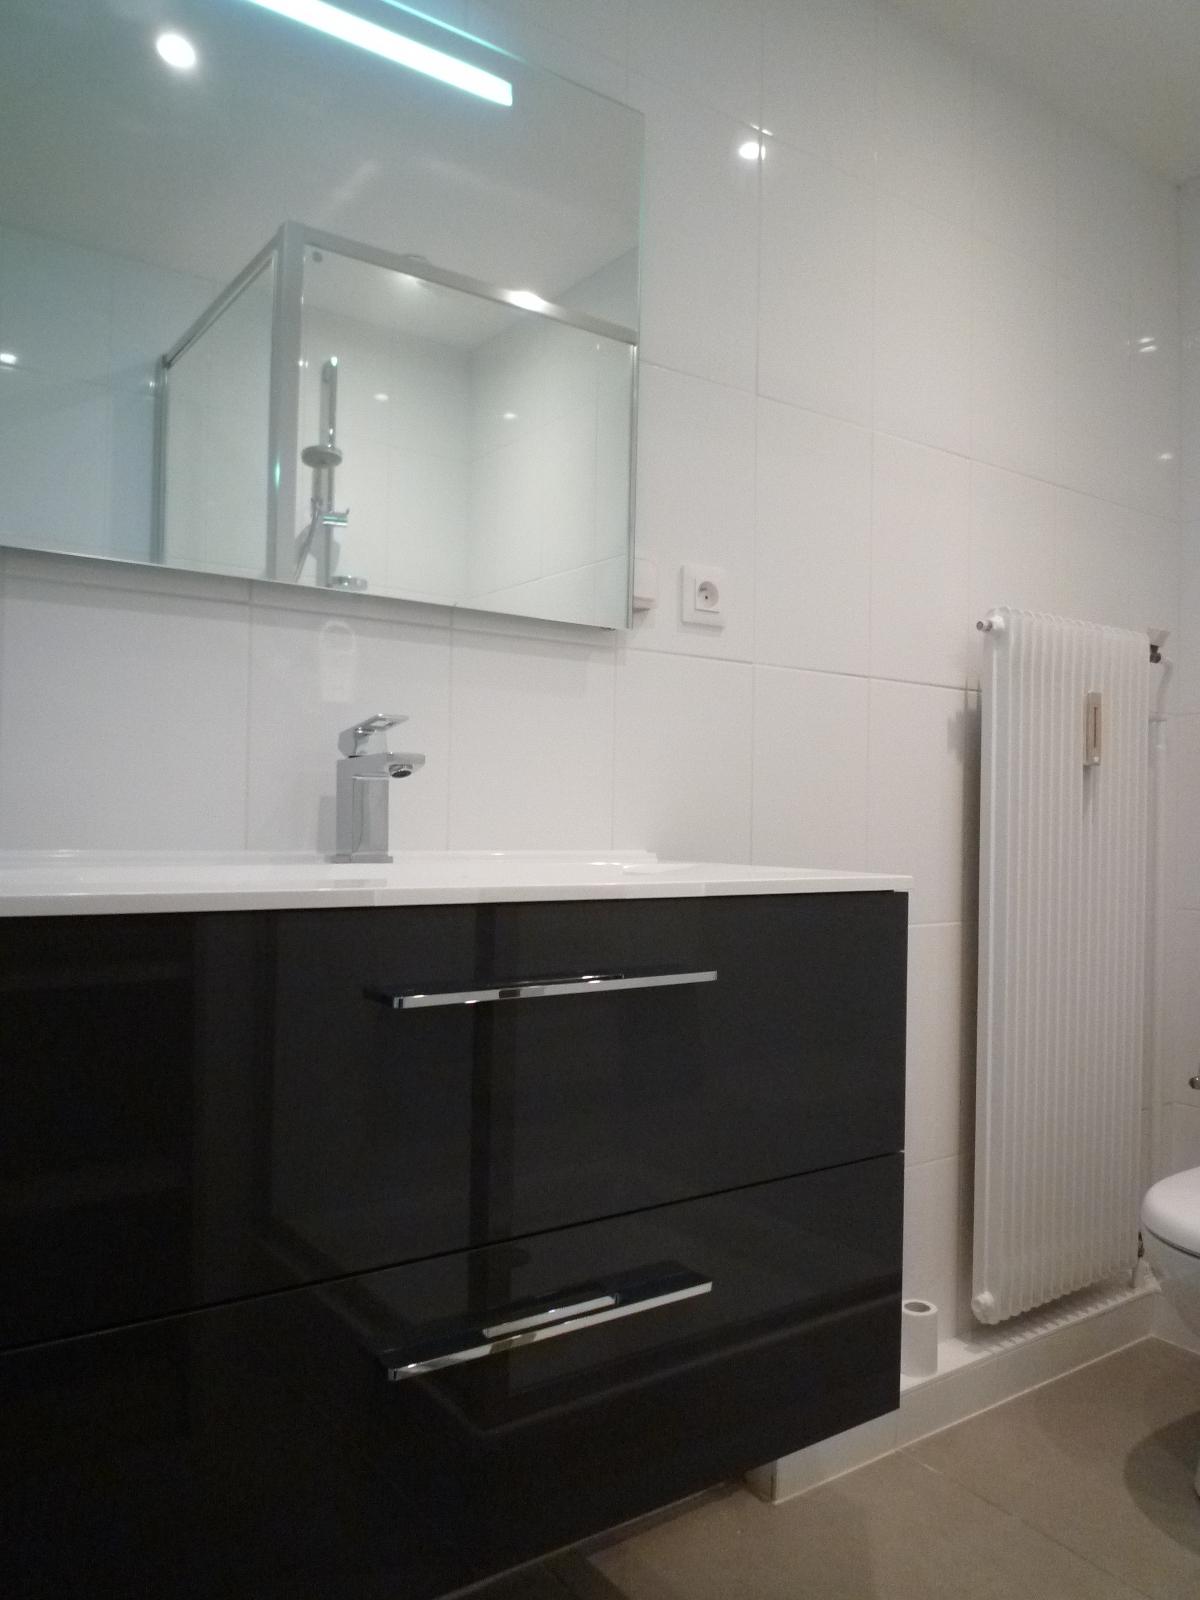 2 pièces meublé en parfait état - Strasbourg Broglie / rue Thomann - nos locations - Beausite Immobilier 4